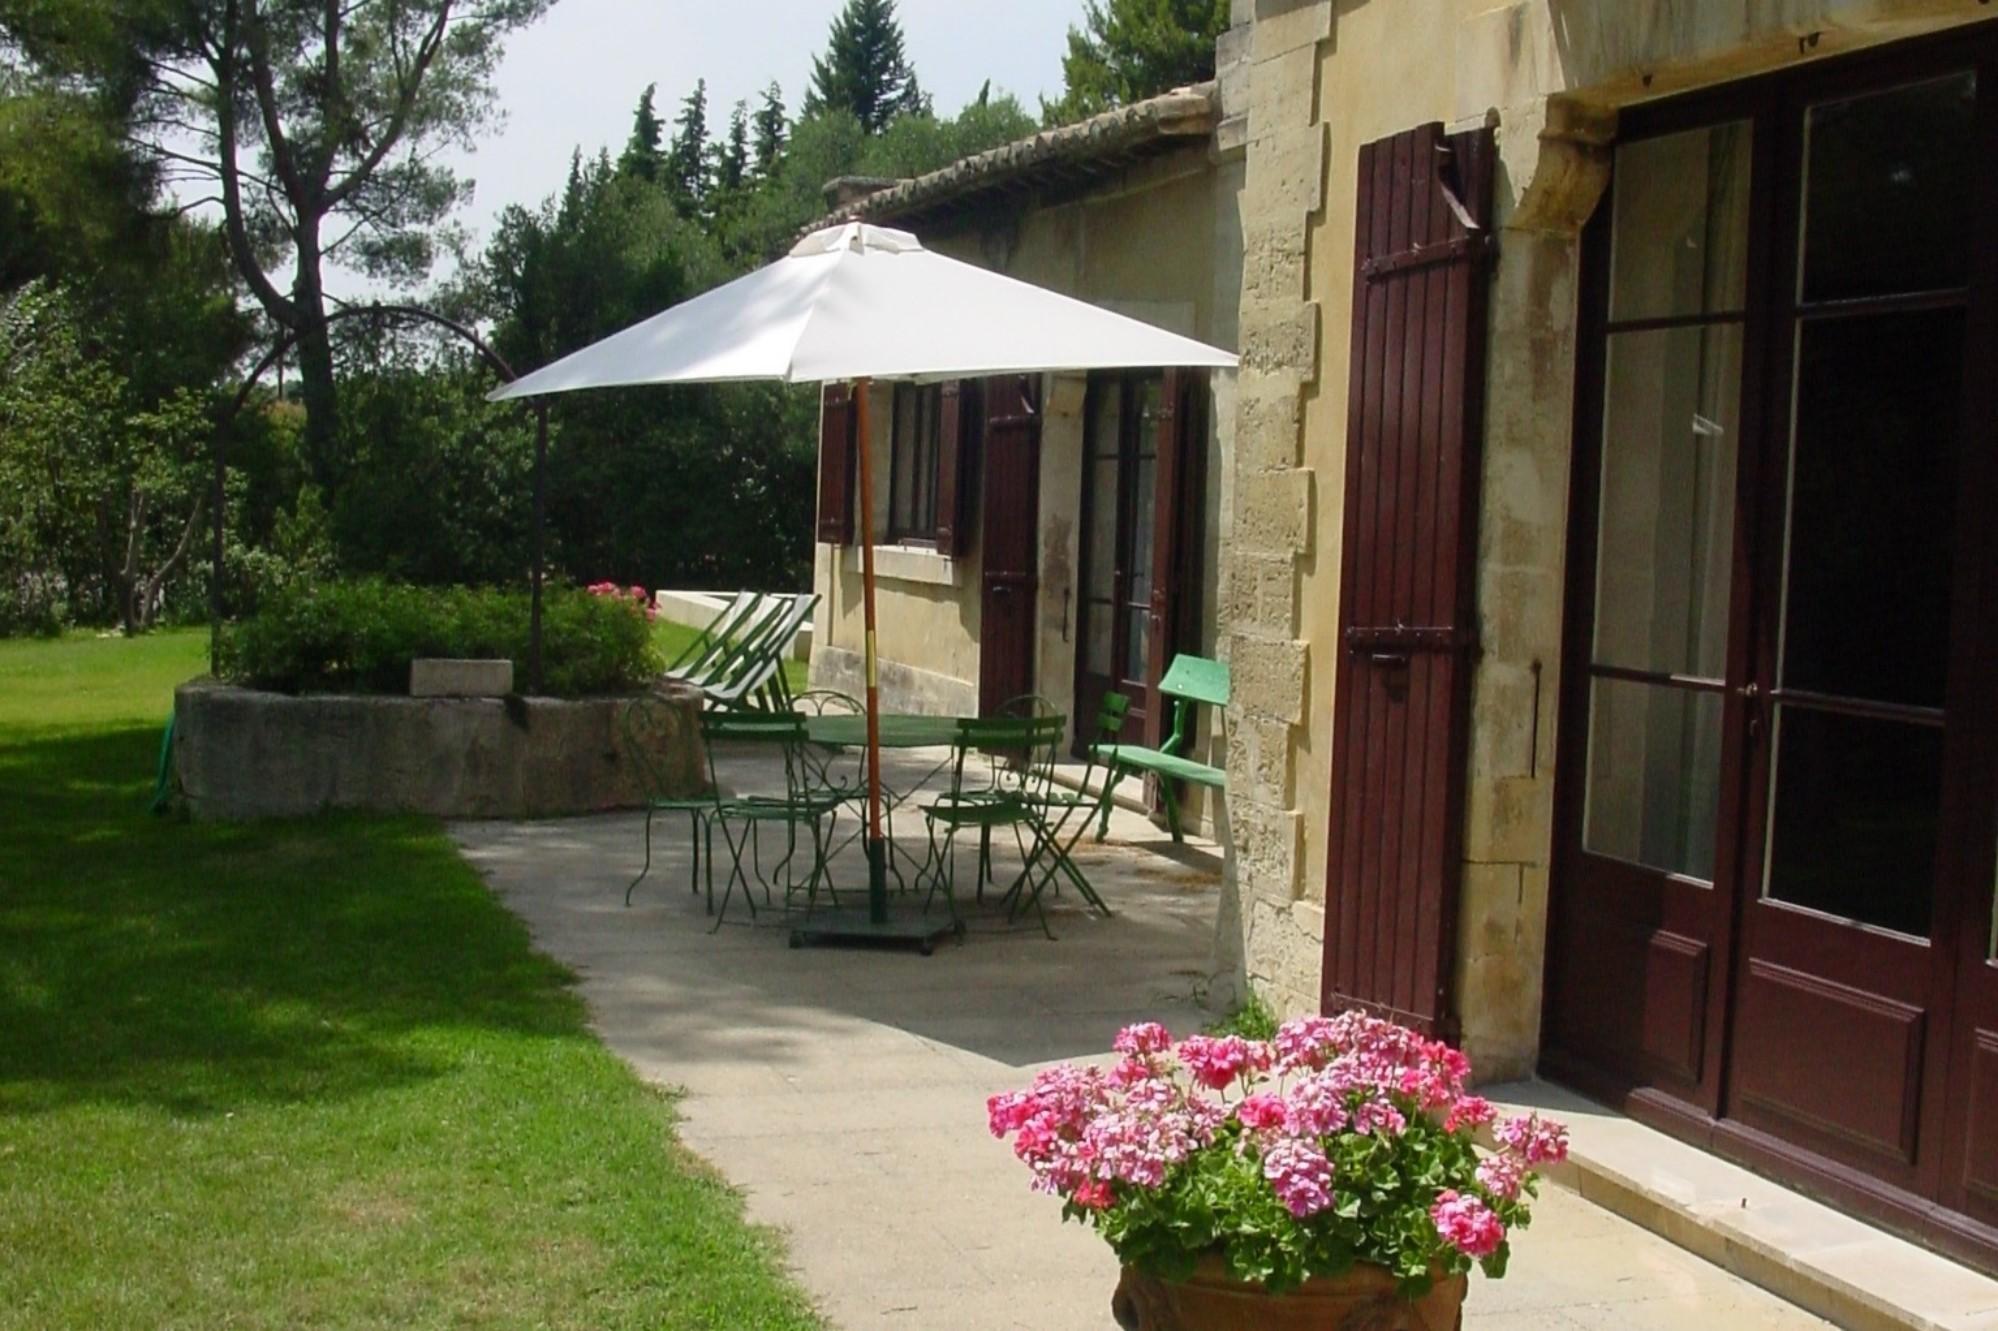 Proche de Villeneuve-lès-Avignon, maison ancienne au charme Provençal avec piscine et tennis